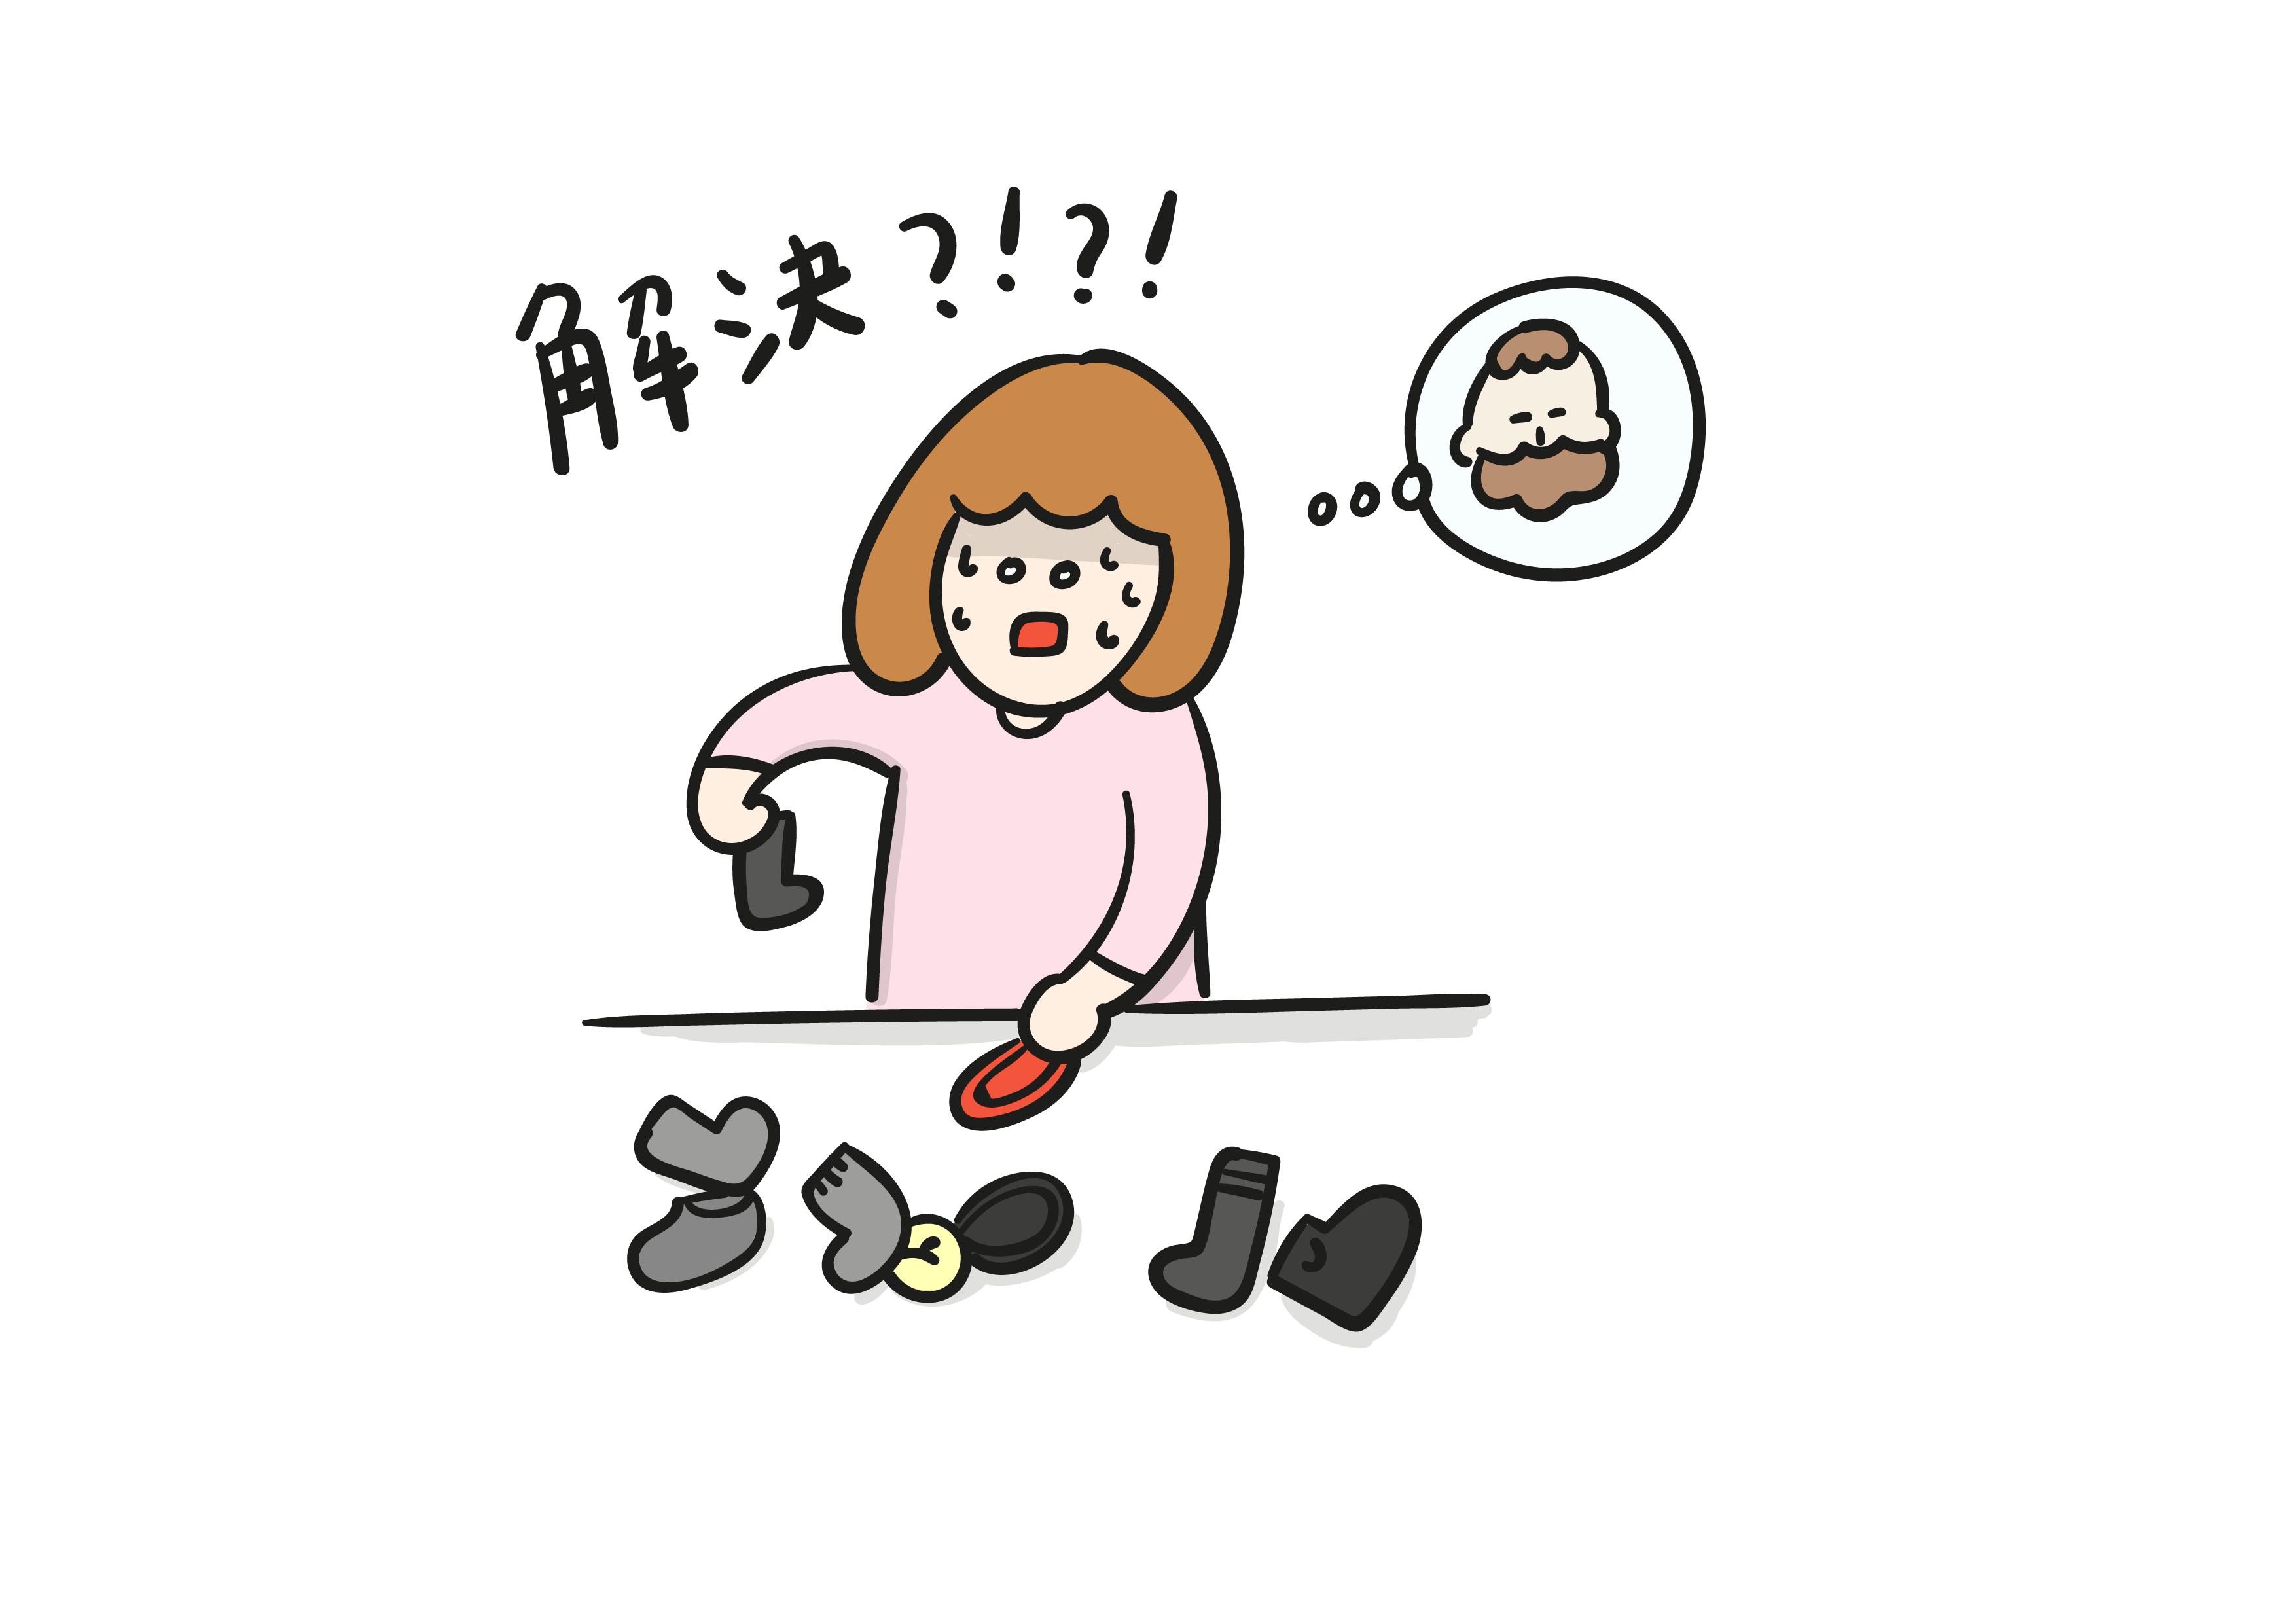 靴下ばらばらうざい_00-01